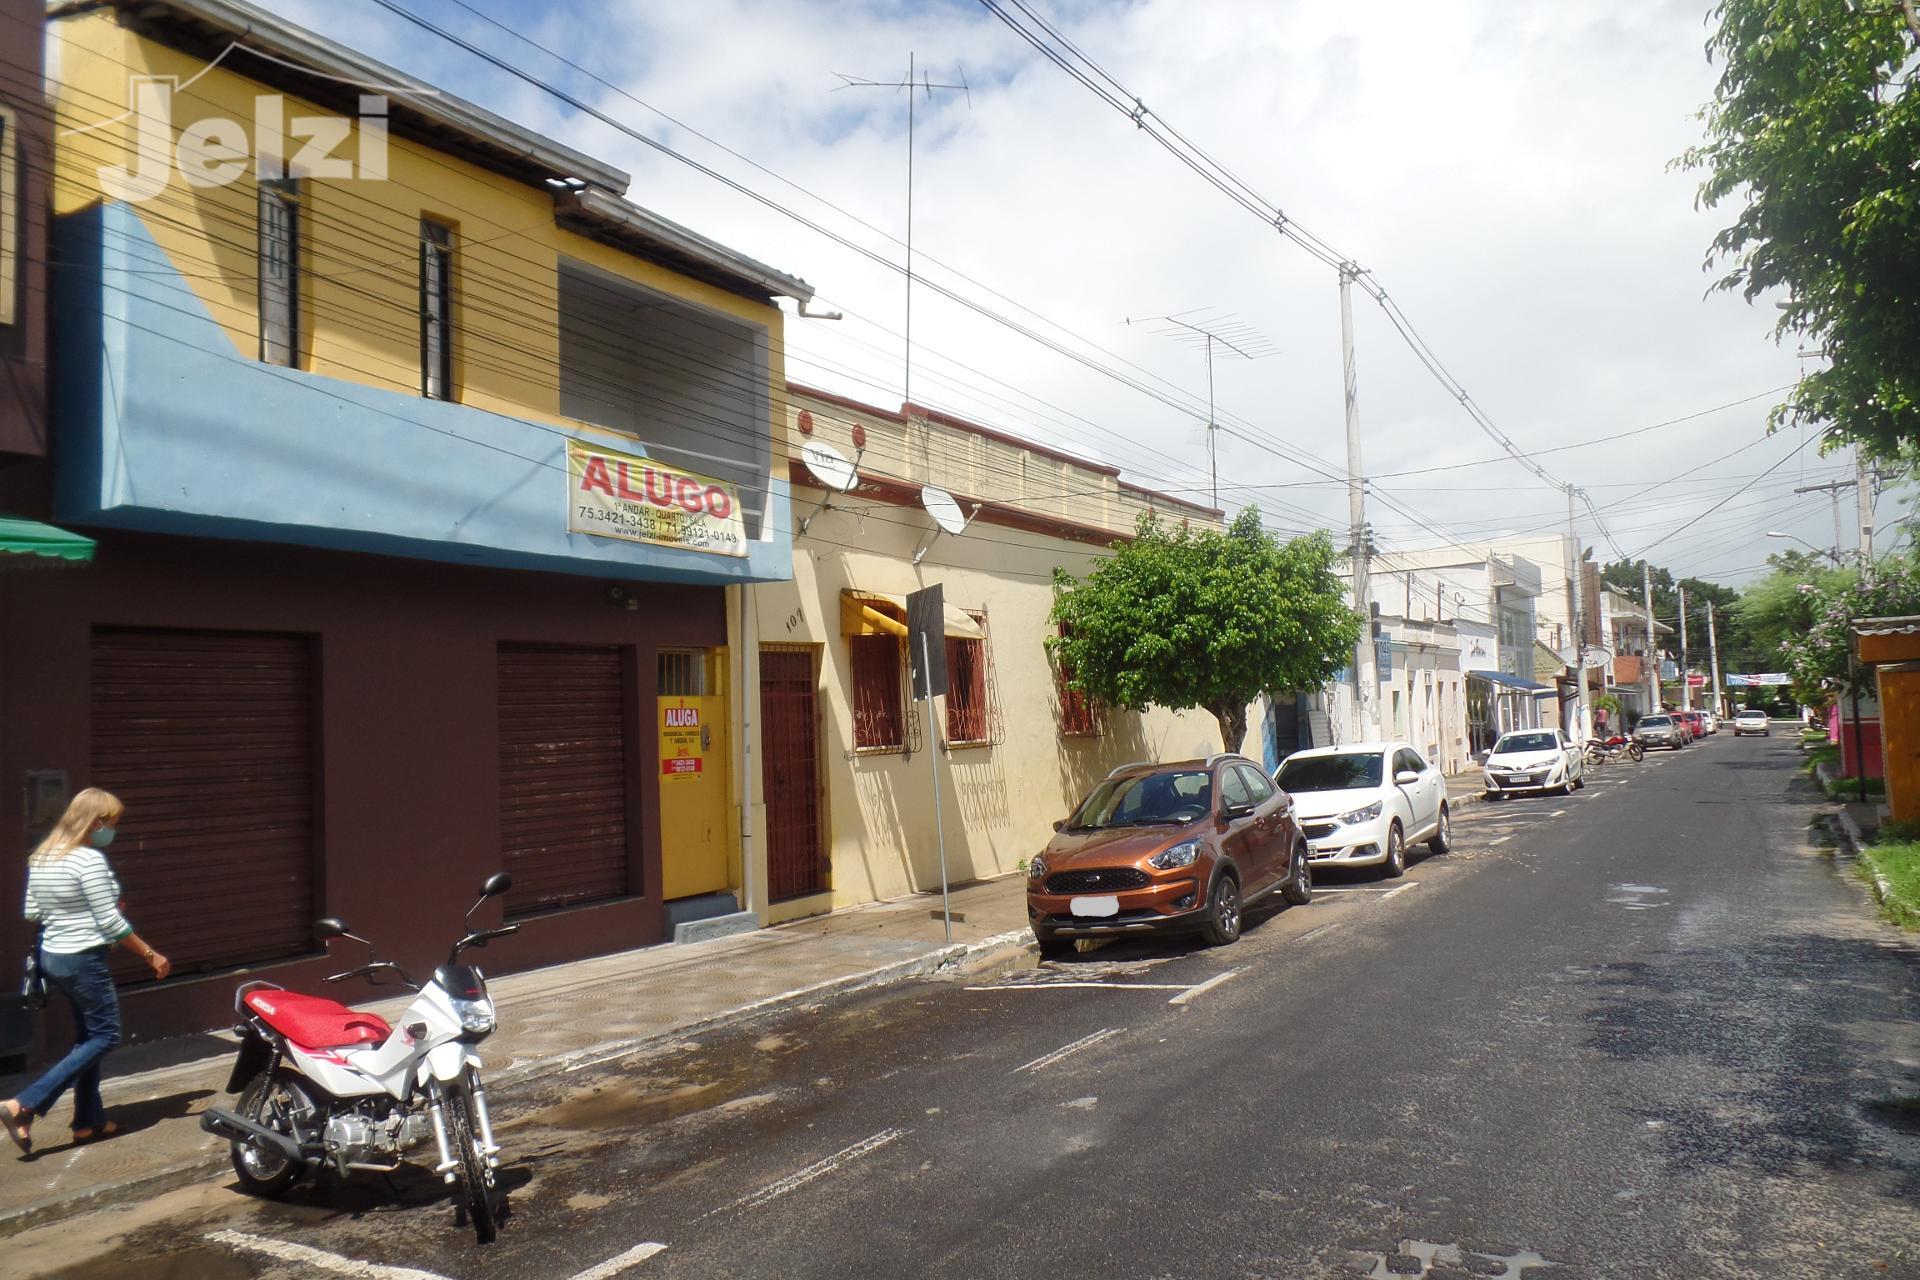 QUITINETE BAIRRO Centro